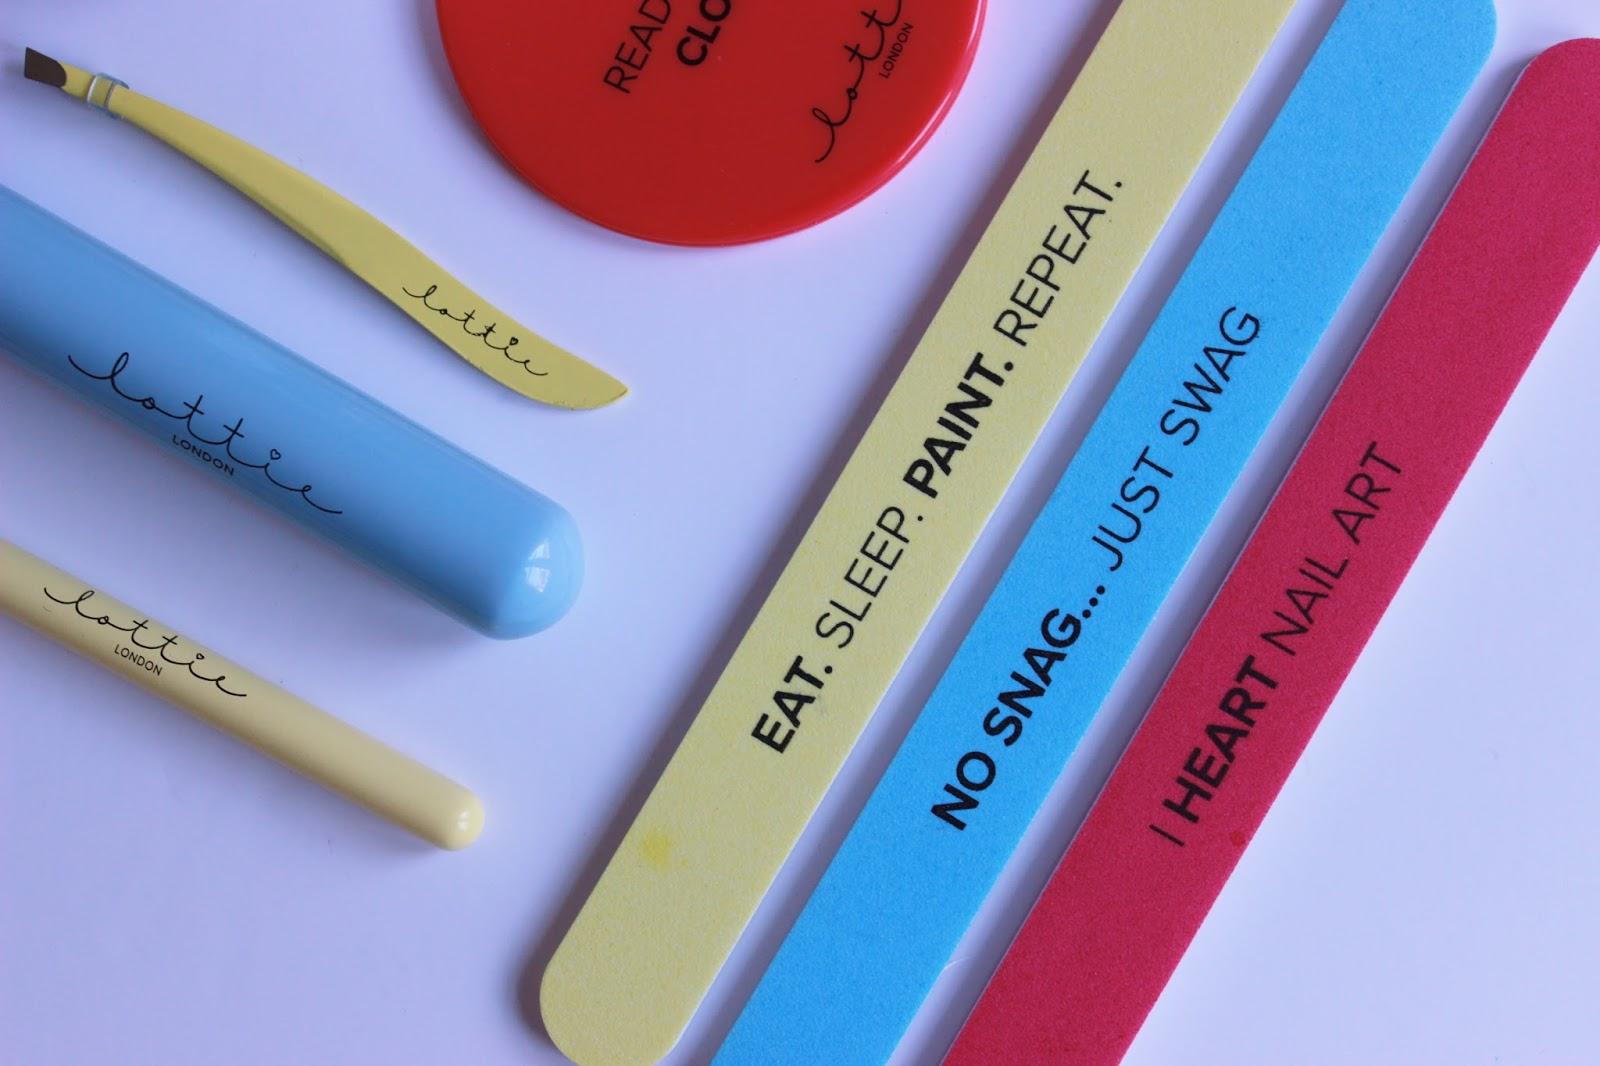 Lottie London beauty tools